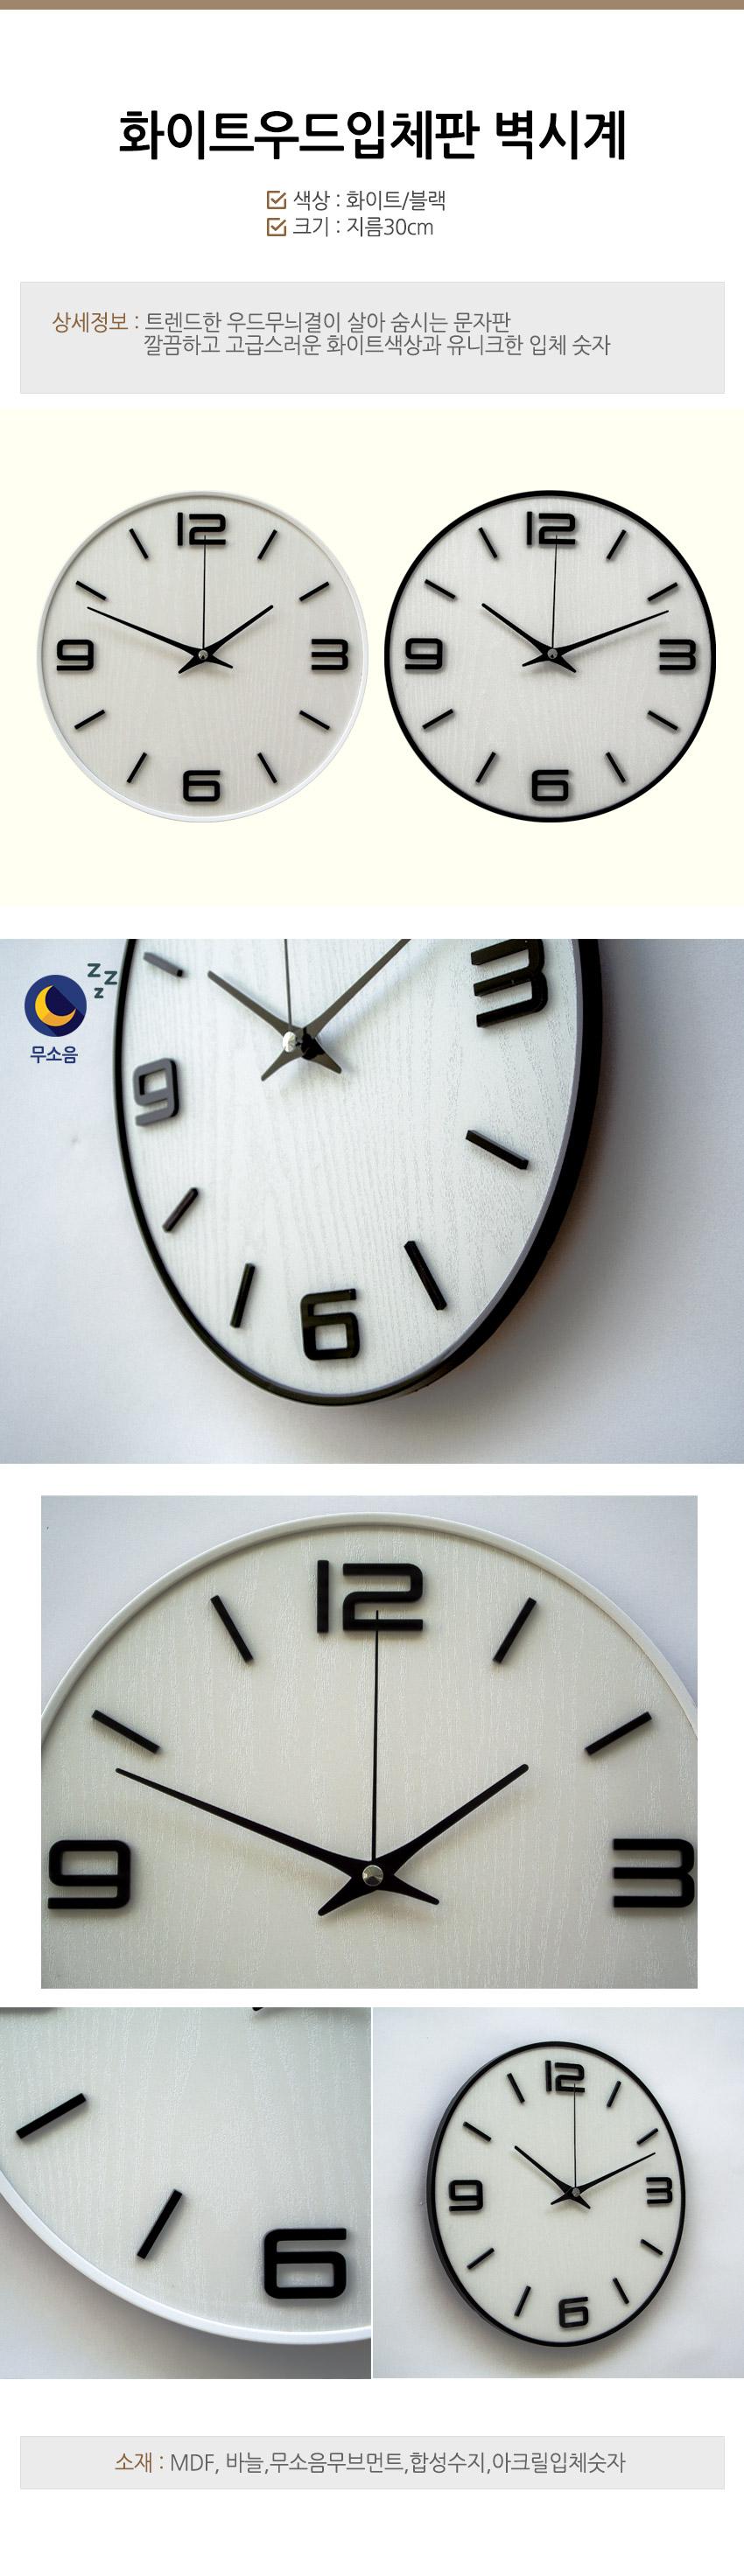 화이트우드입체판 벽시계 - 로얄데코, 22,000원, 벽시계, 우드벽시계